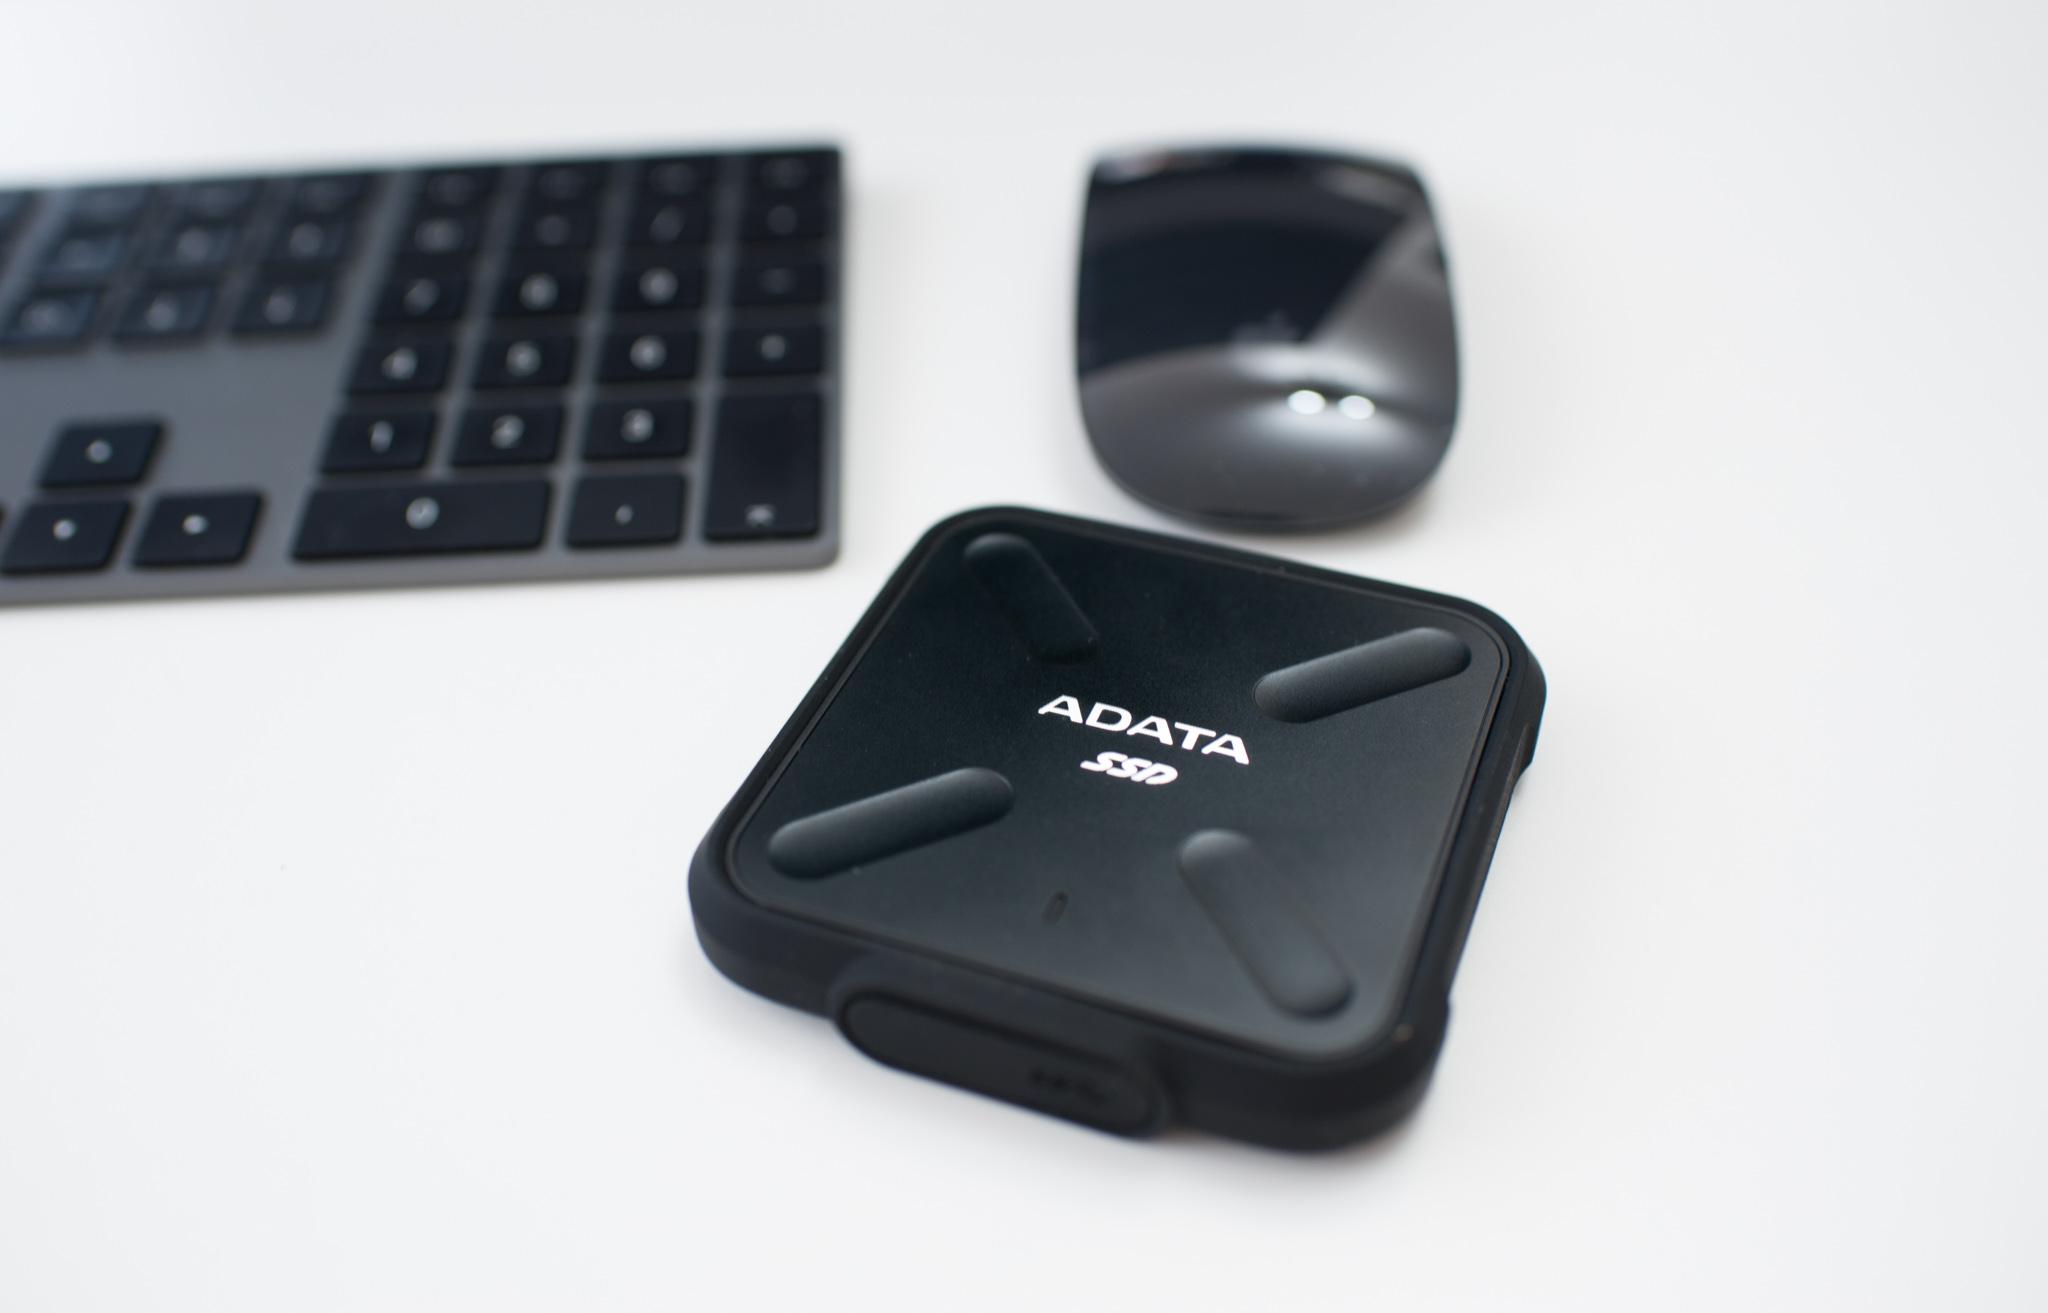 Dlouhodobé zkušenosti s externím SSD: ADATA SD700